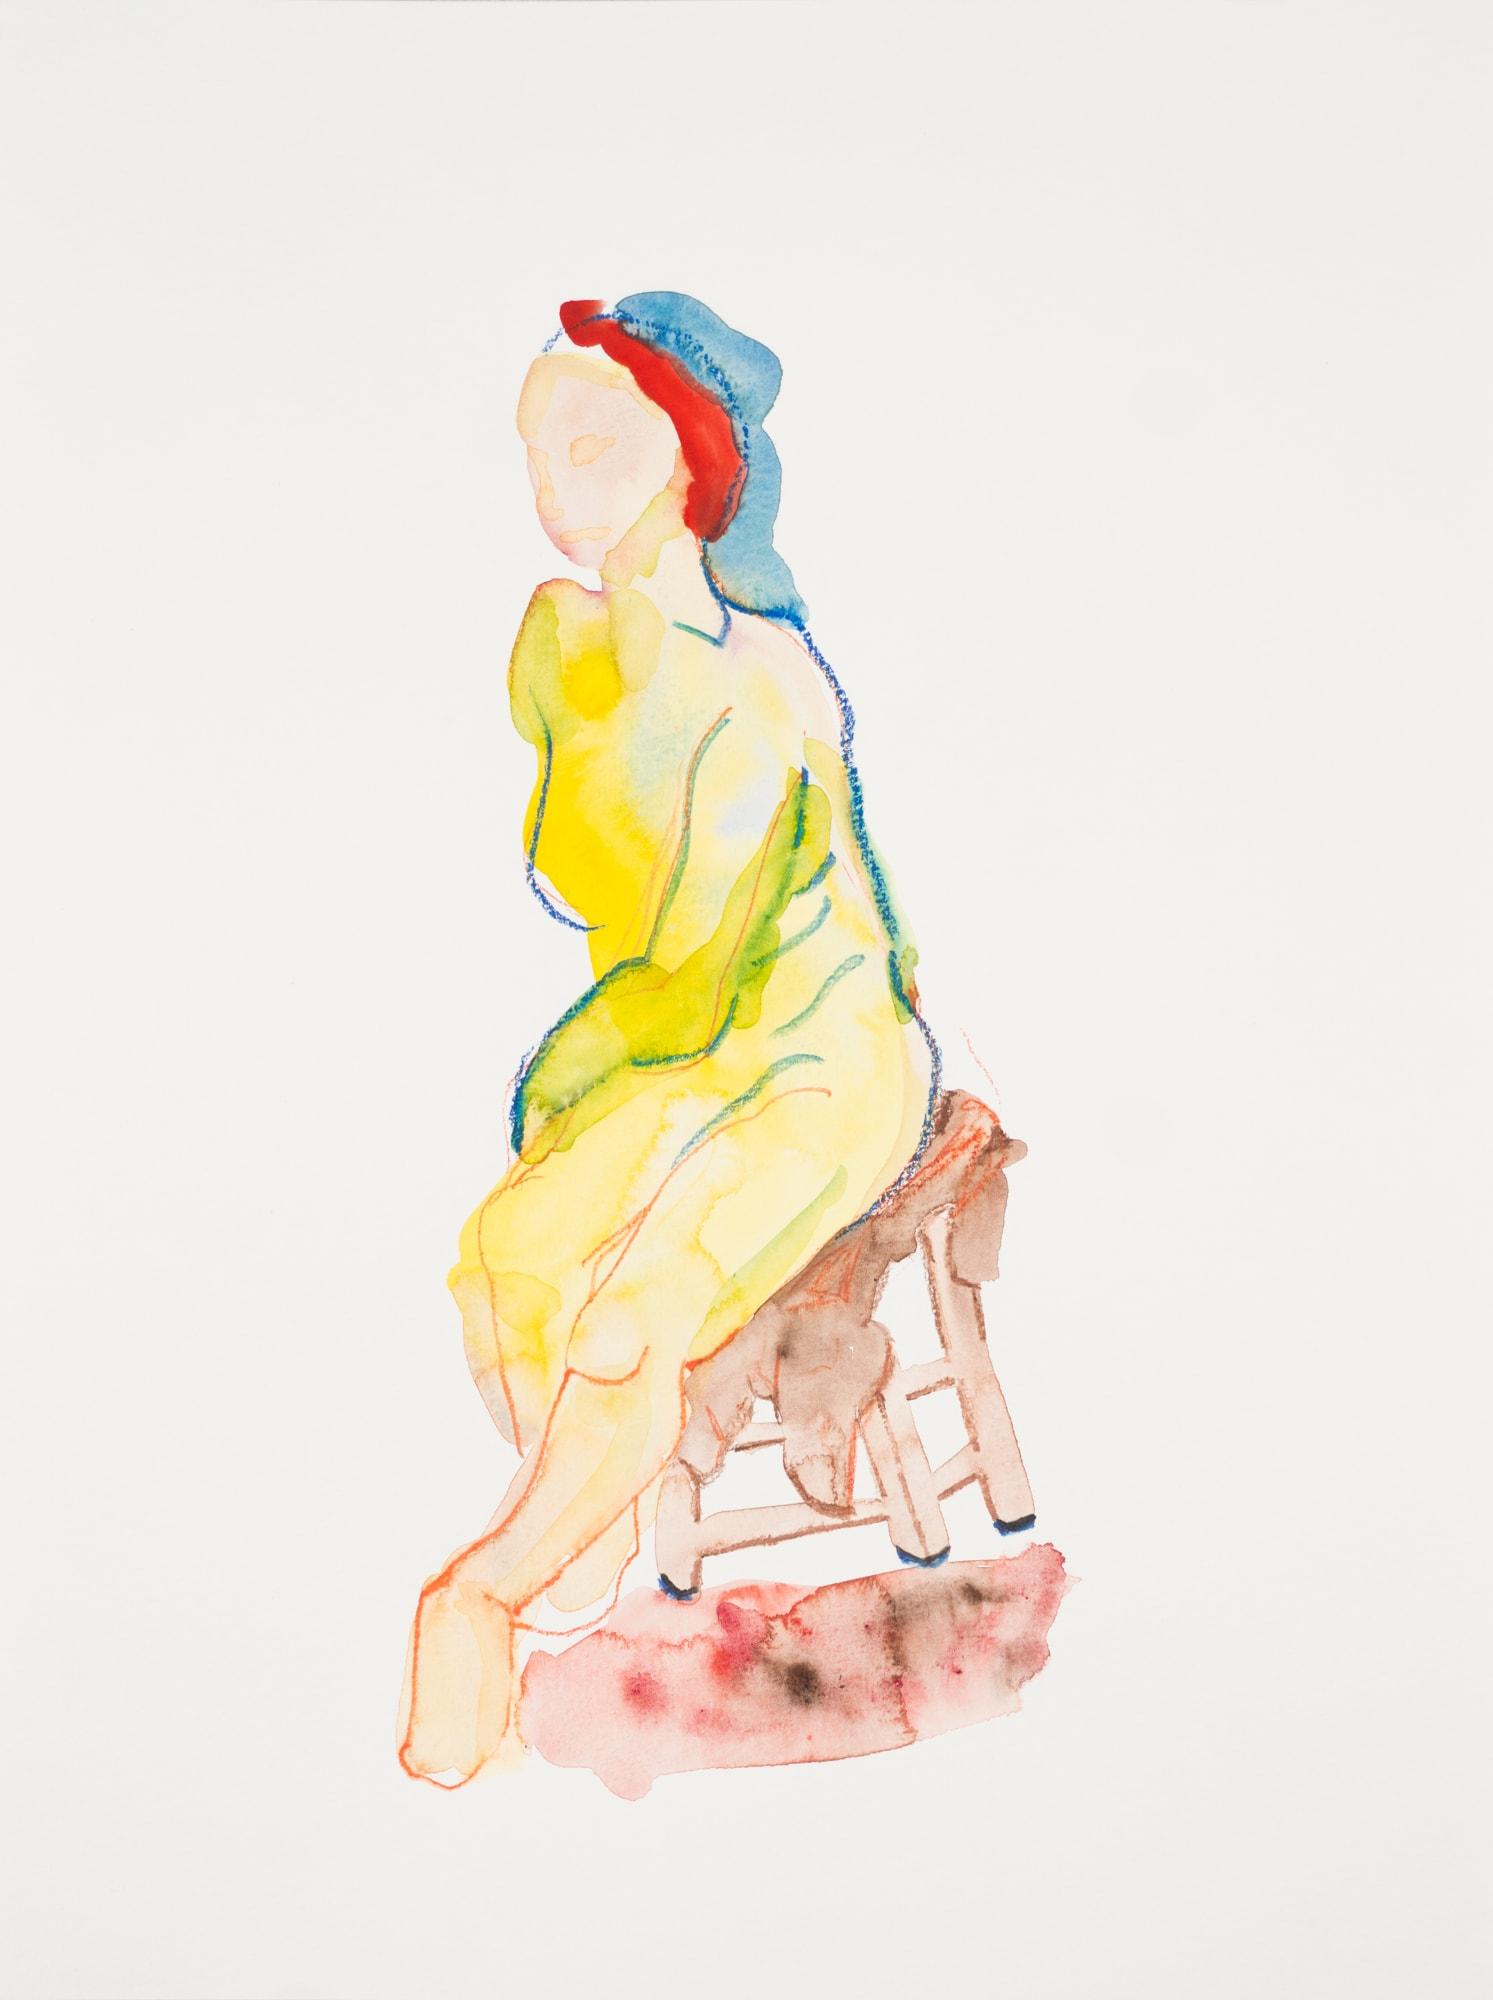 Zeichnung,Aquarell und Farbstift auf Papier, 30x40cm, Frauenakt, Künstlerin: Franziska King